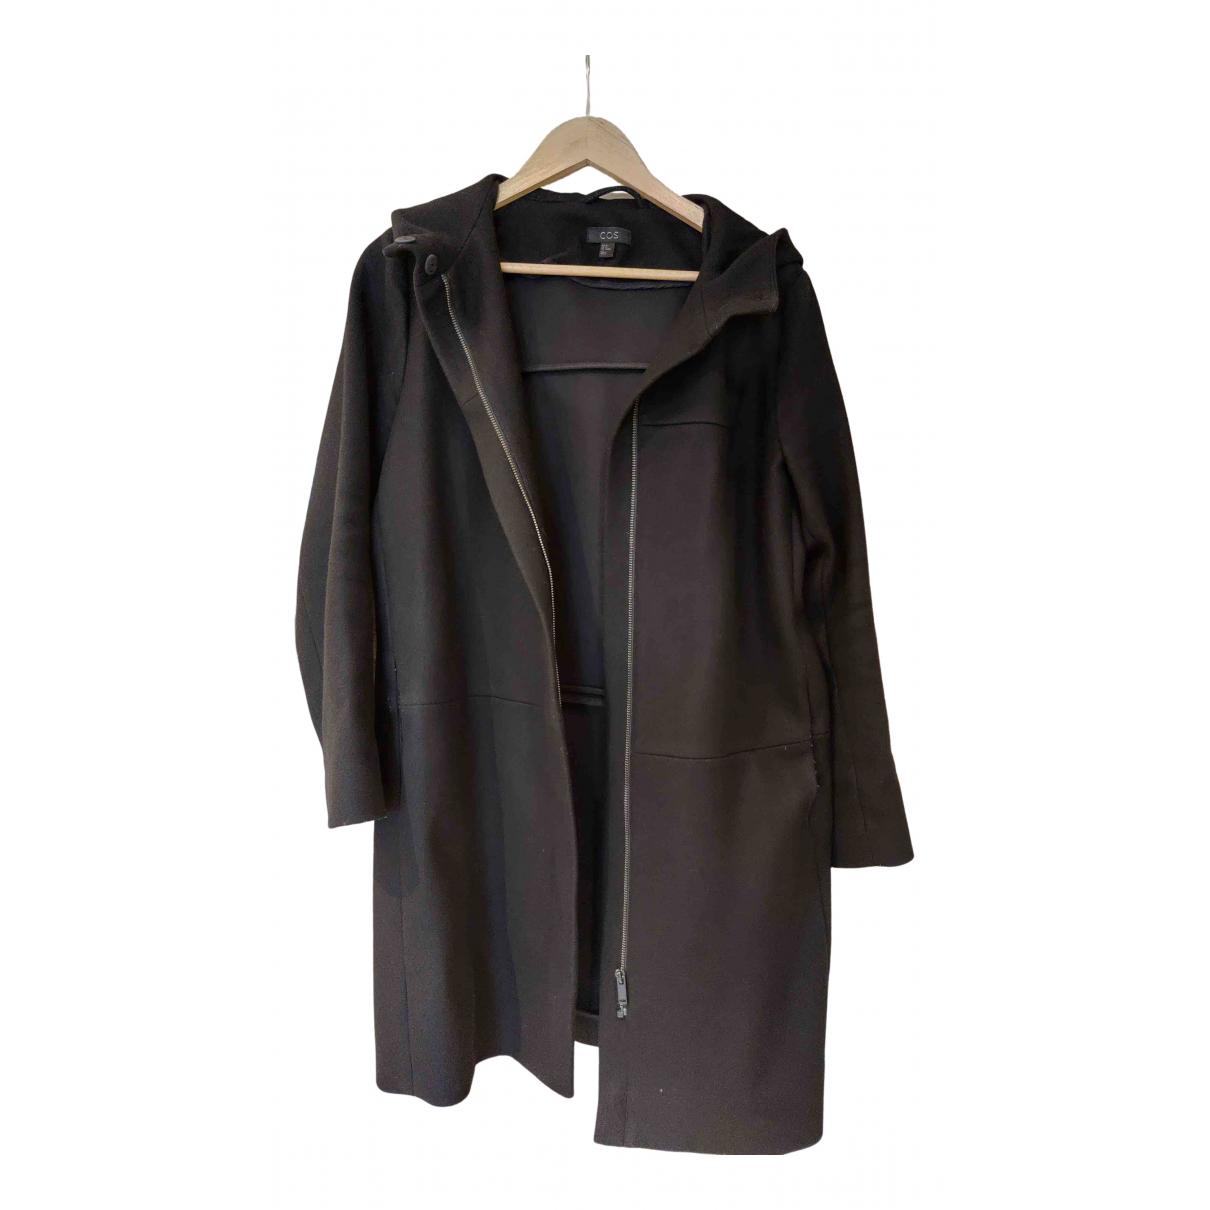 Cos \N Black Wool coat for Women 38 FR